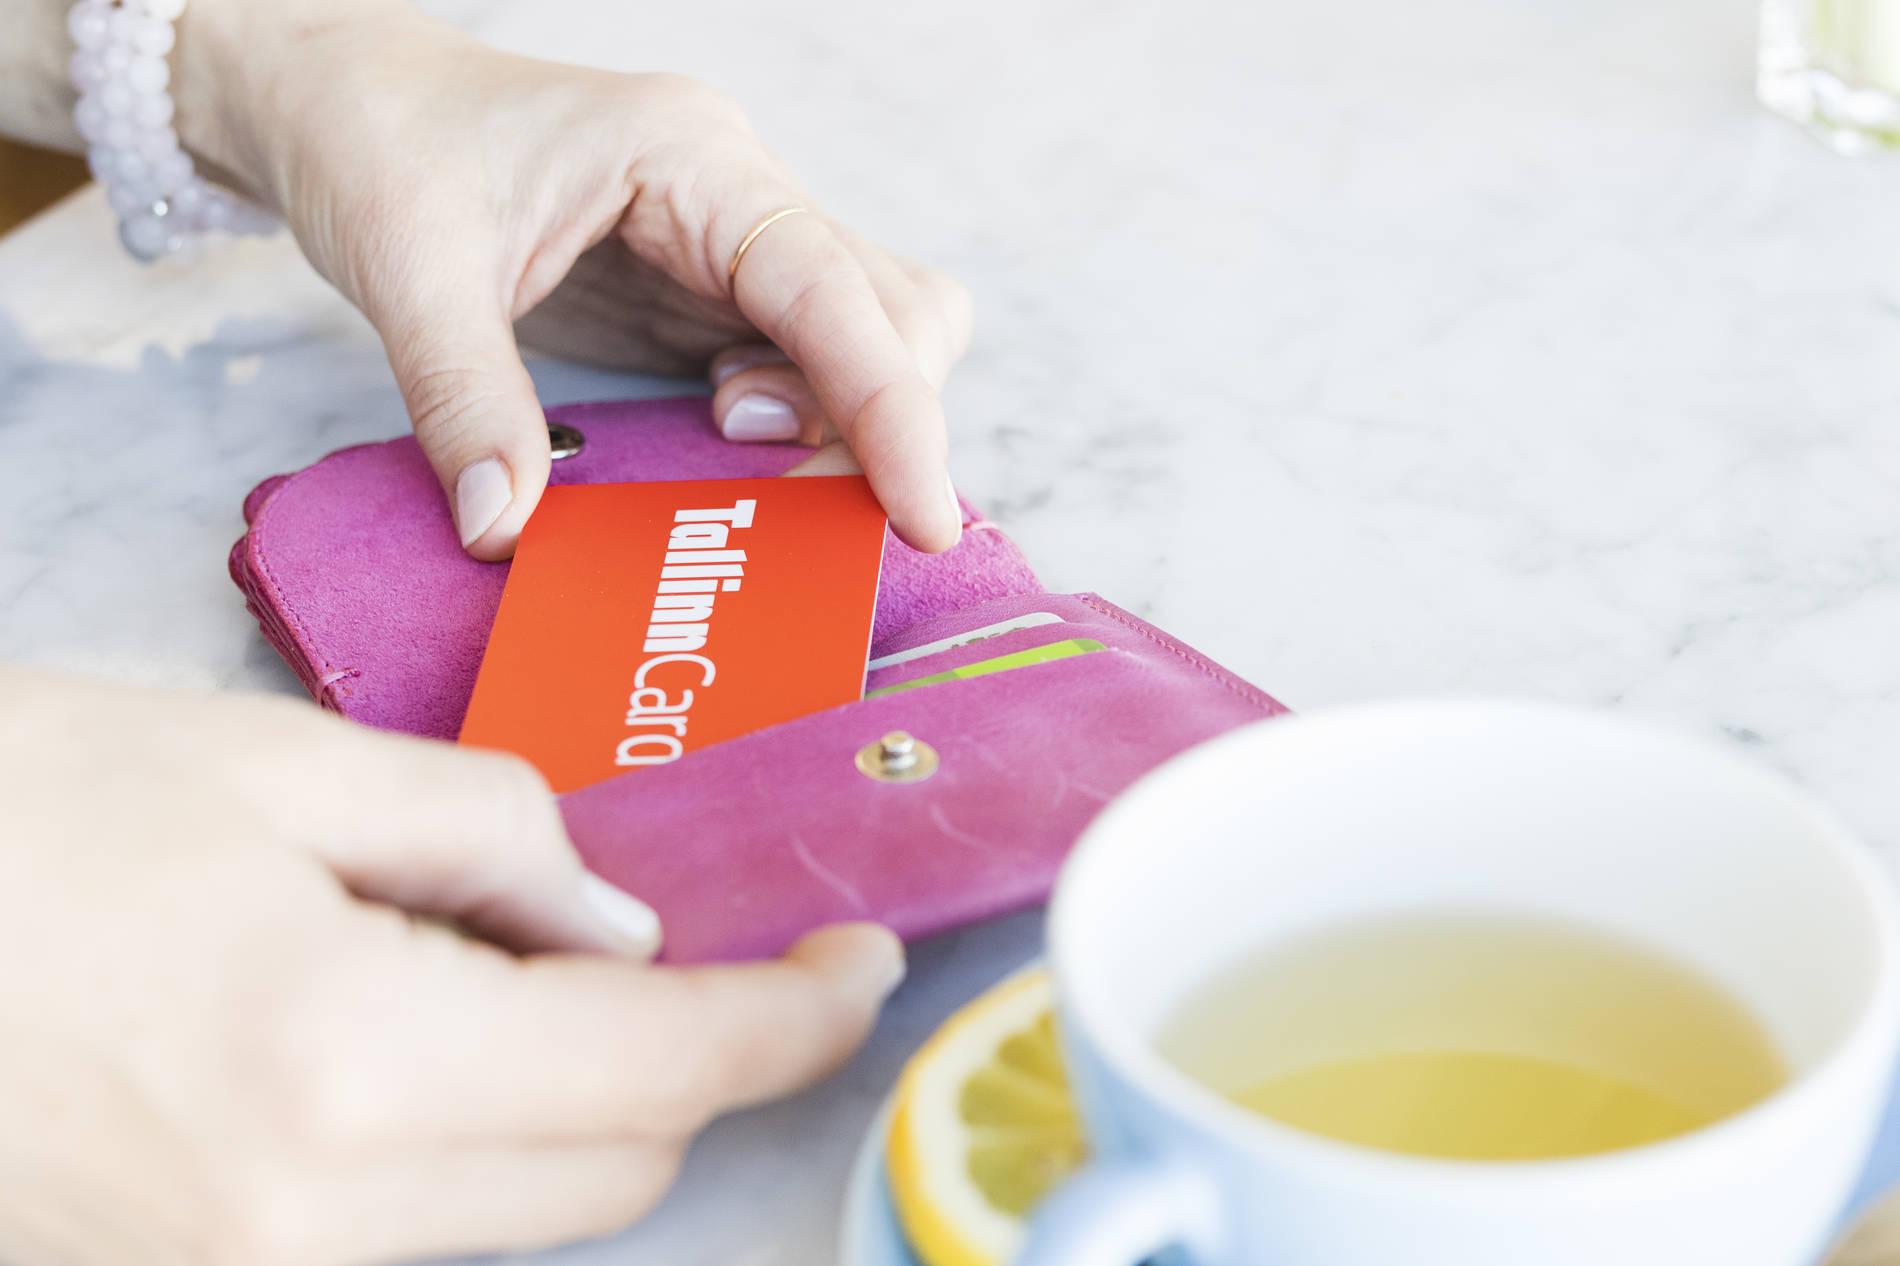 Naine hoidmas Tallinn Card linnakaarti Tallinnas, Eestis.